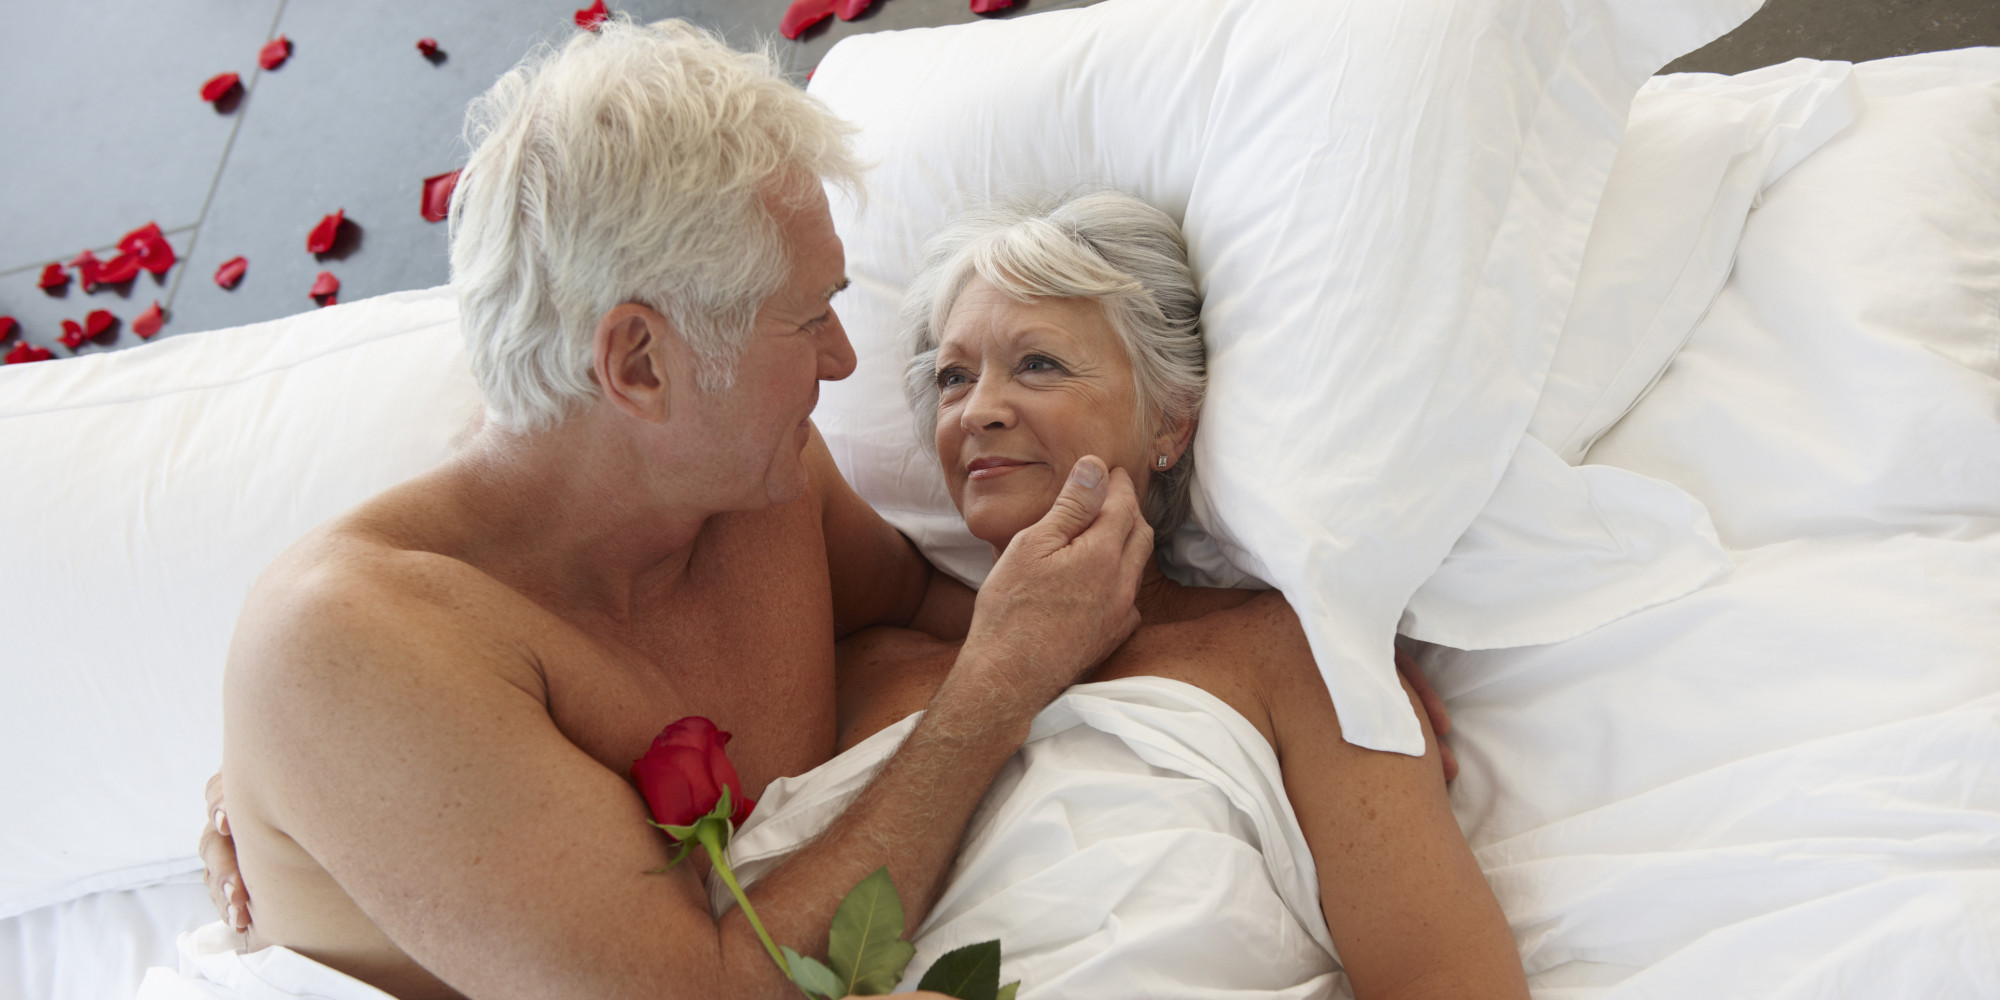 muzhchina-seks-v-pozhilom-vozraste